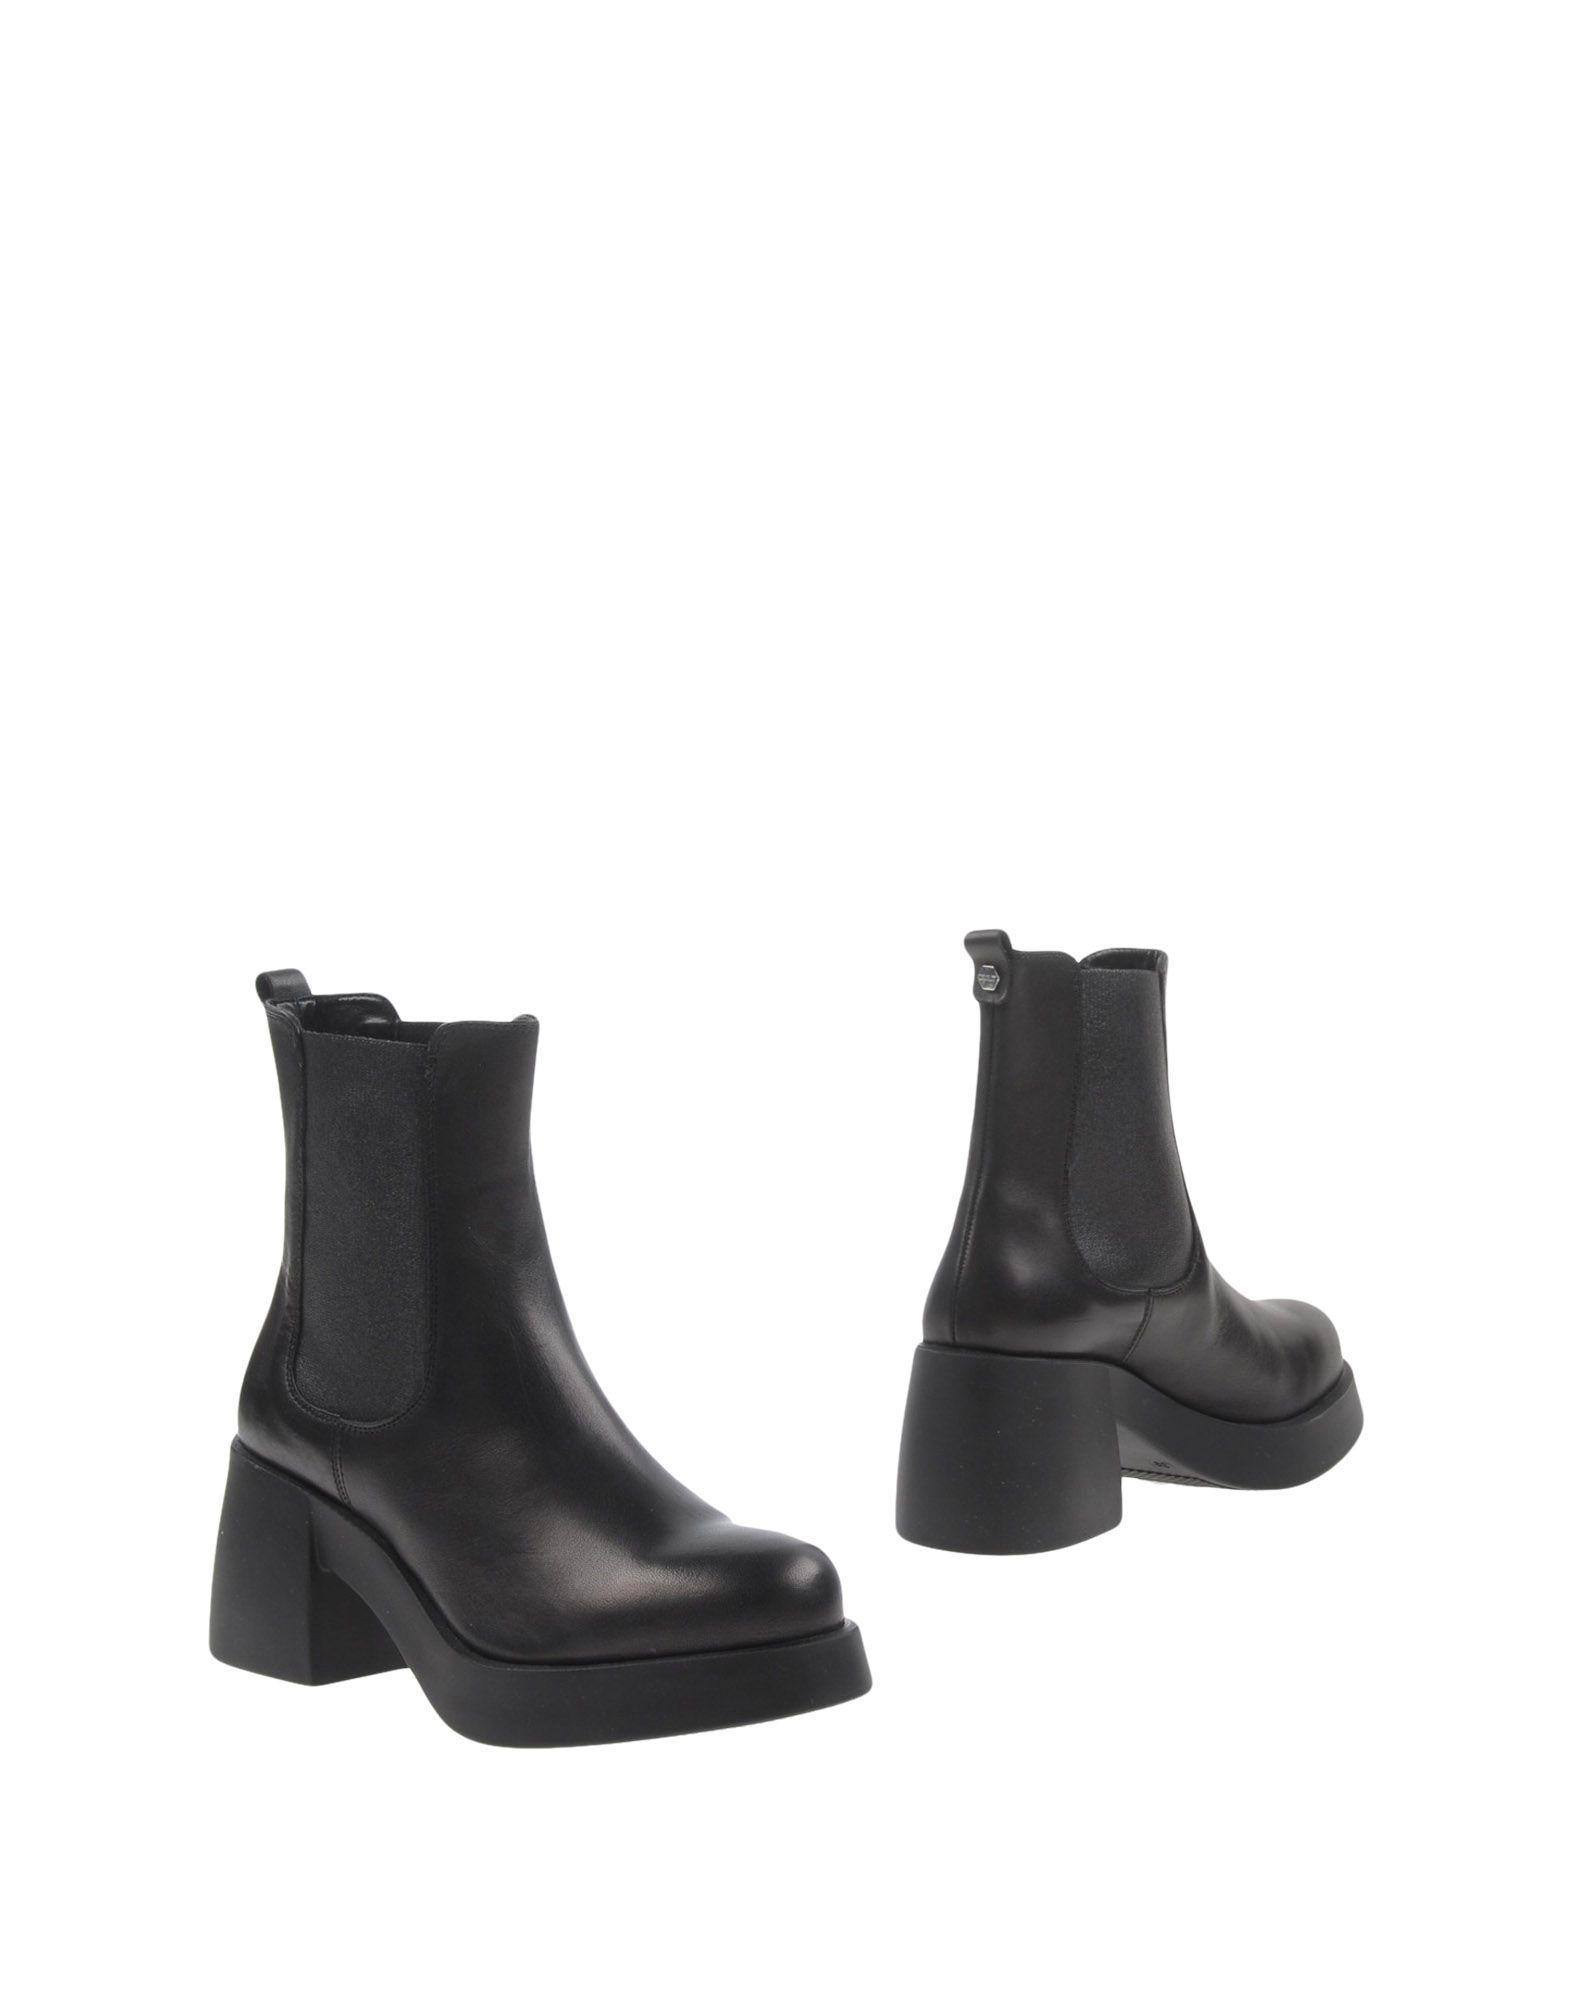 Cult Cult Cult Chelsea Boots Damen  11359547VJ Gute Qualität beliebte Schuhe d77a8f